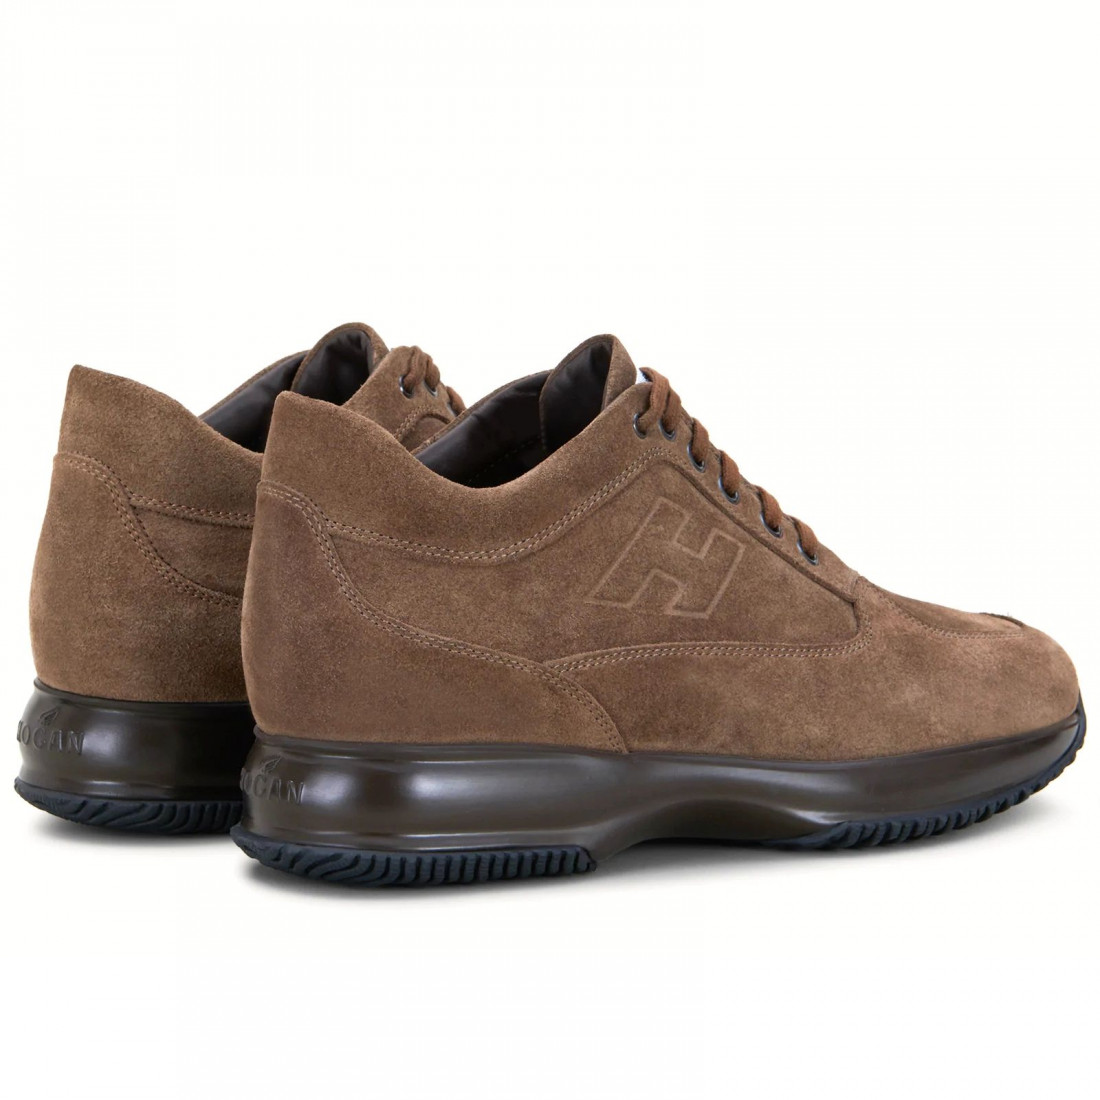 sneakers man hogan hxm00n09042hg0s413 7568